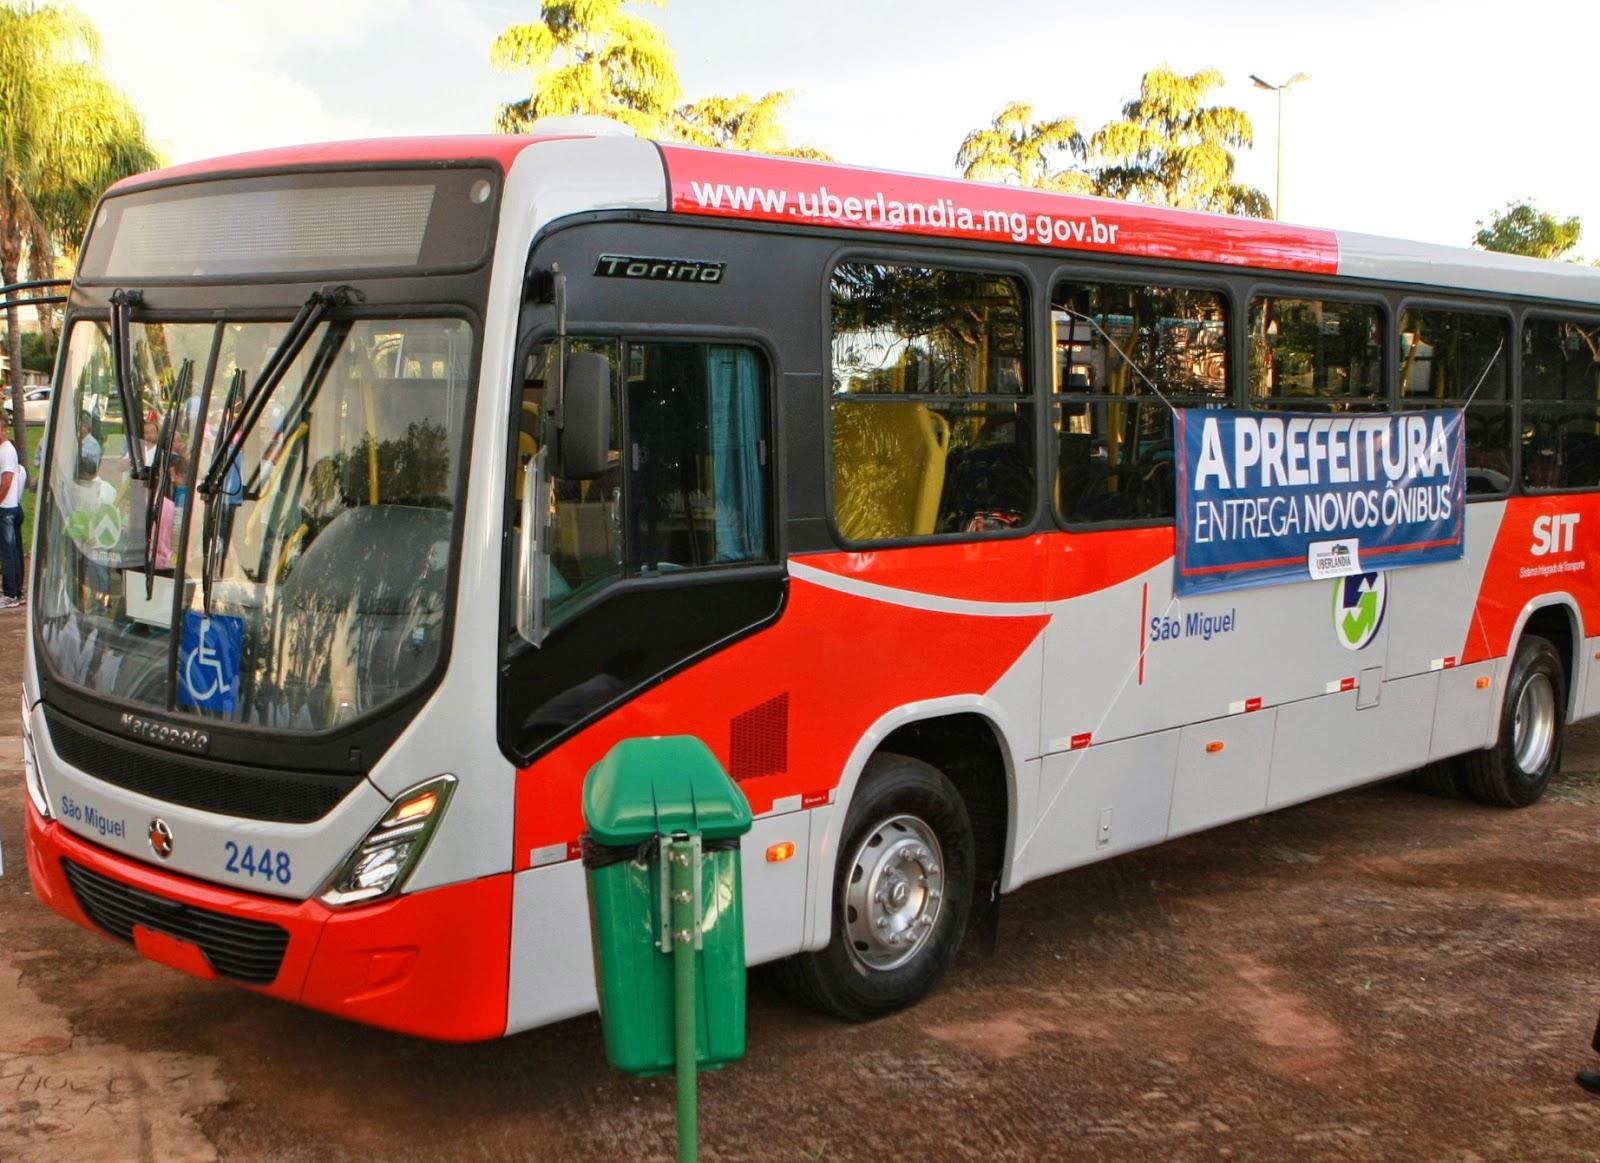 Meu Transporte: Prefeitura de Uberlândia entrega mais 34 ônibus novos à  população